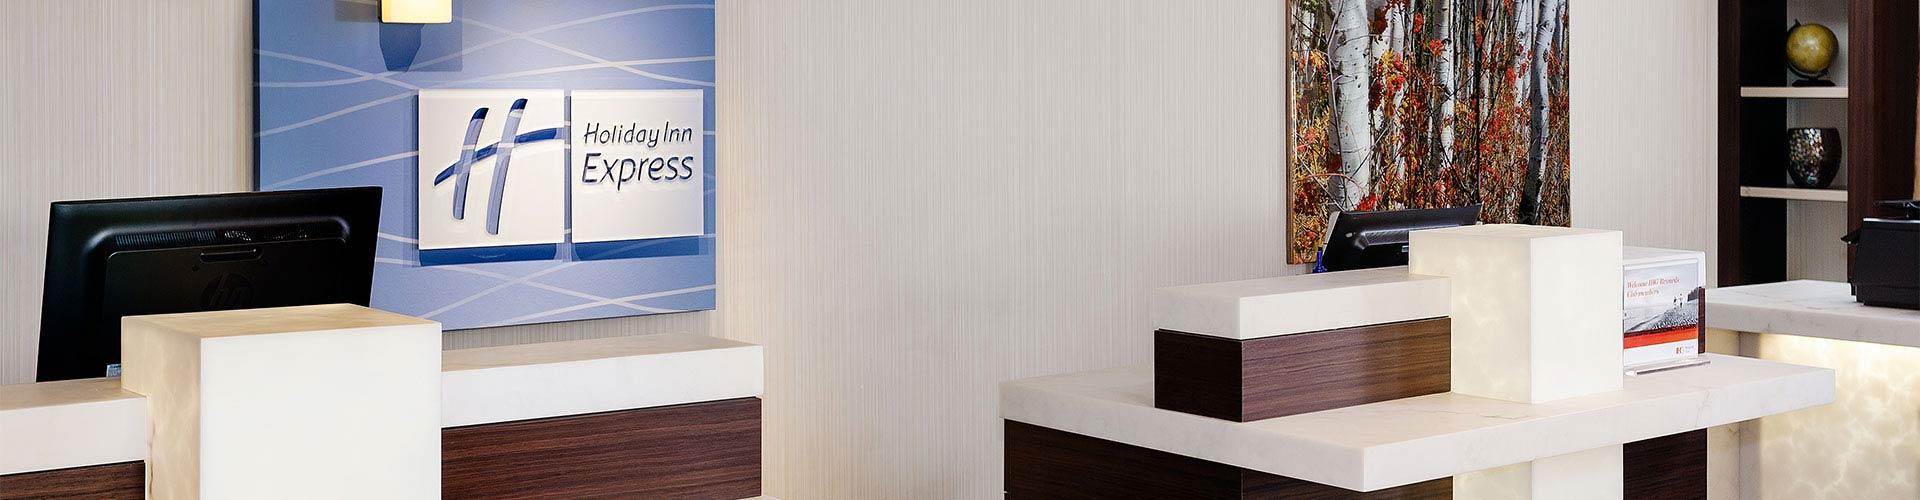 Holiday Inn Frontdesk Header